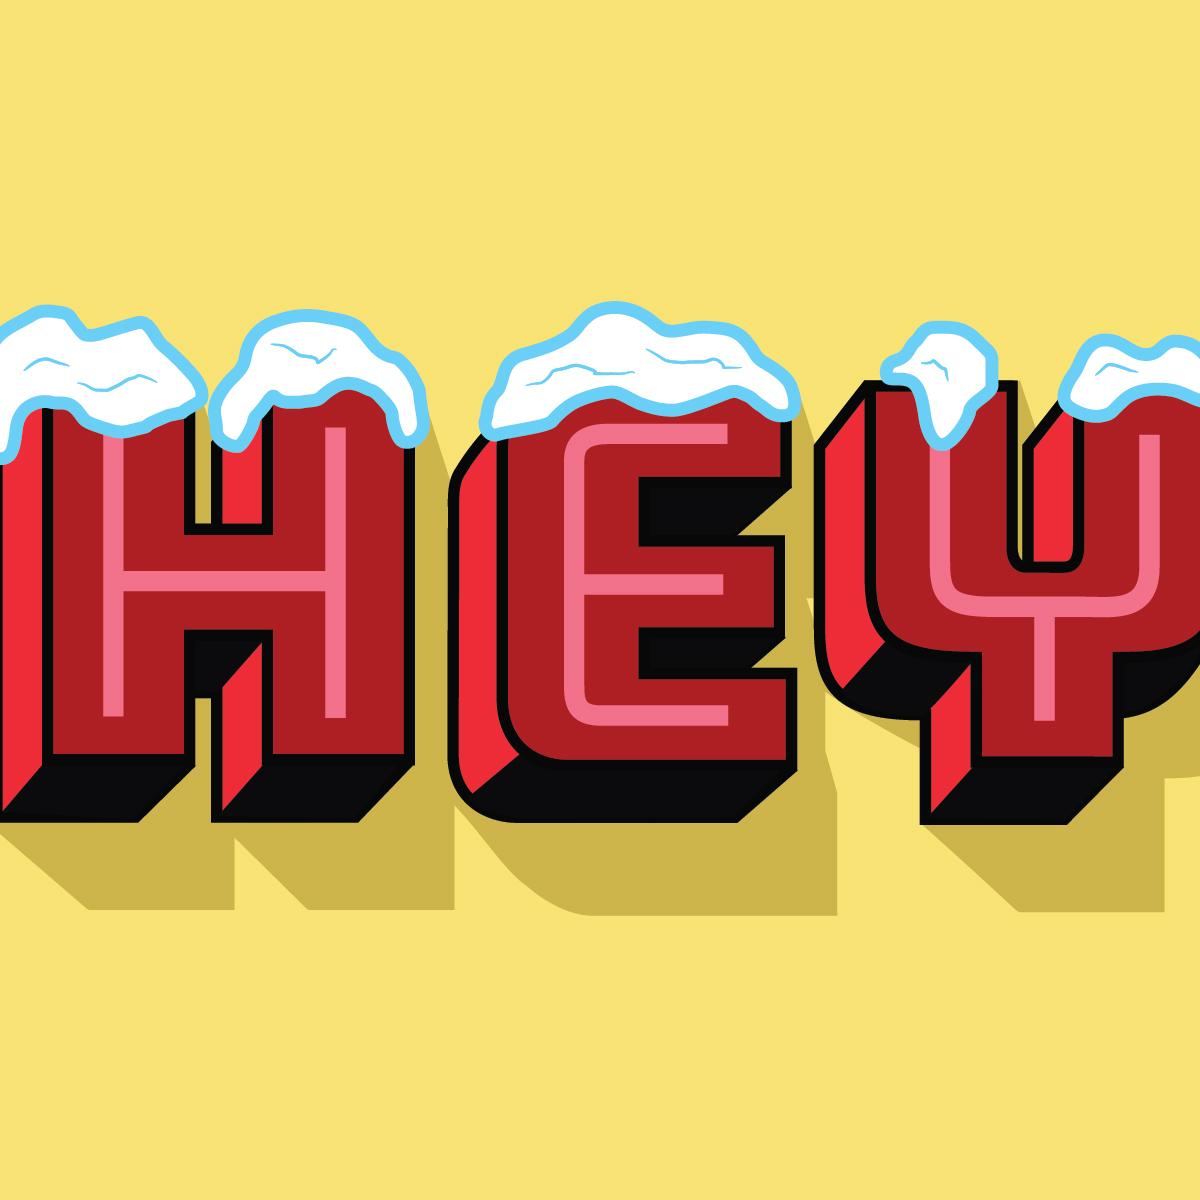 HEYBUDDYAlternate